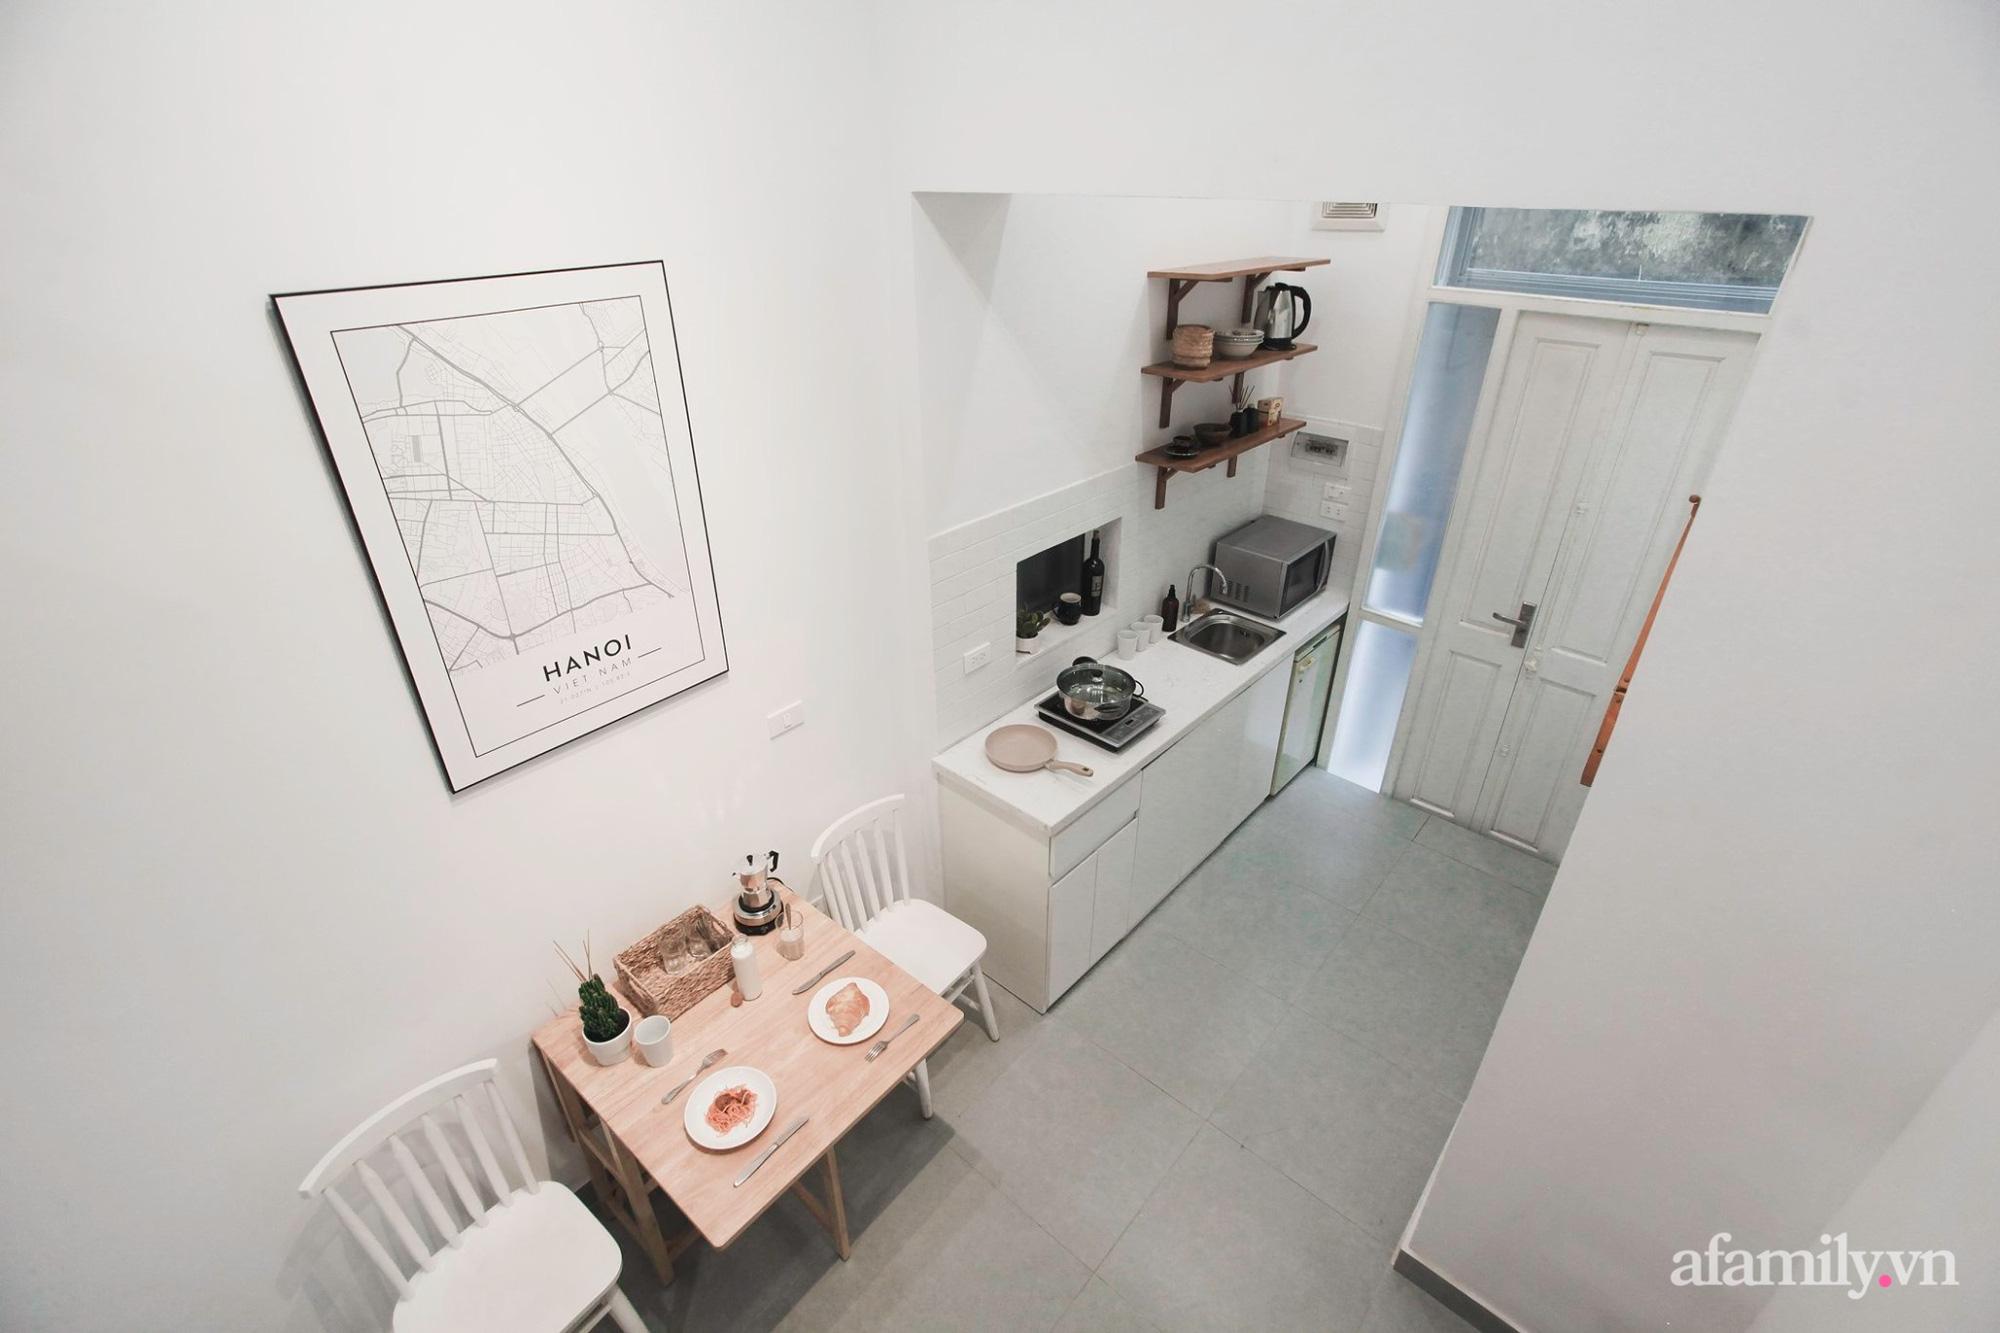 Chàng trai trẻ bỏ 200 triệu để cải tạo căn nhà 16m² trong phố cổ Hà Nội theo phong cách Scandinavian - Ảnh 4.